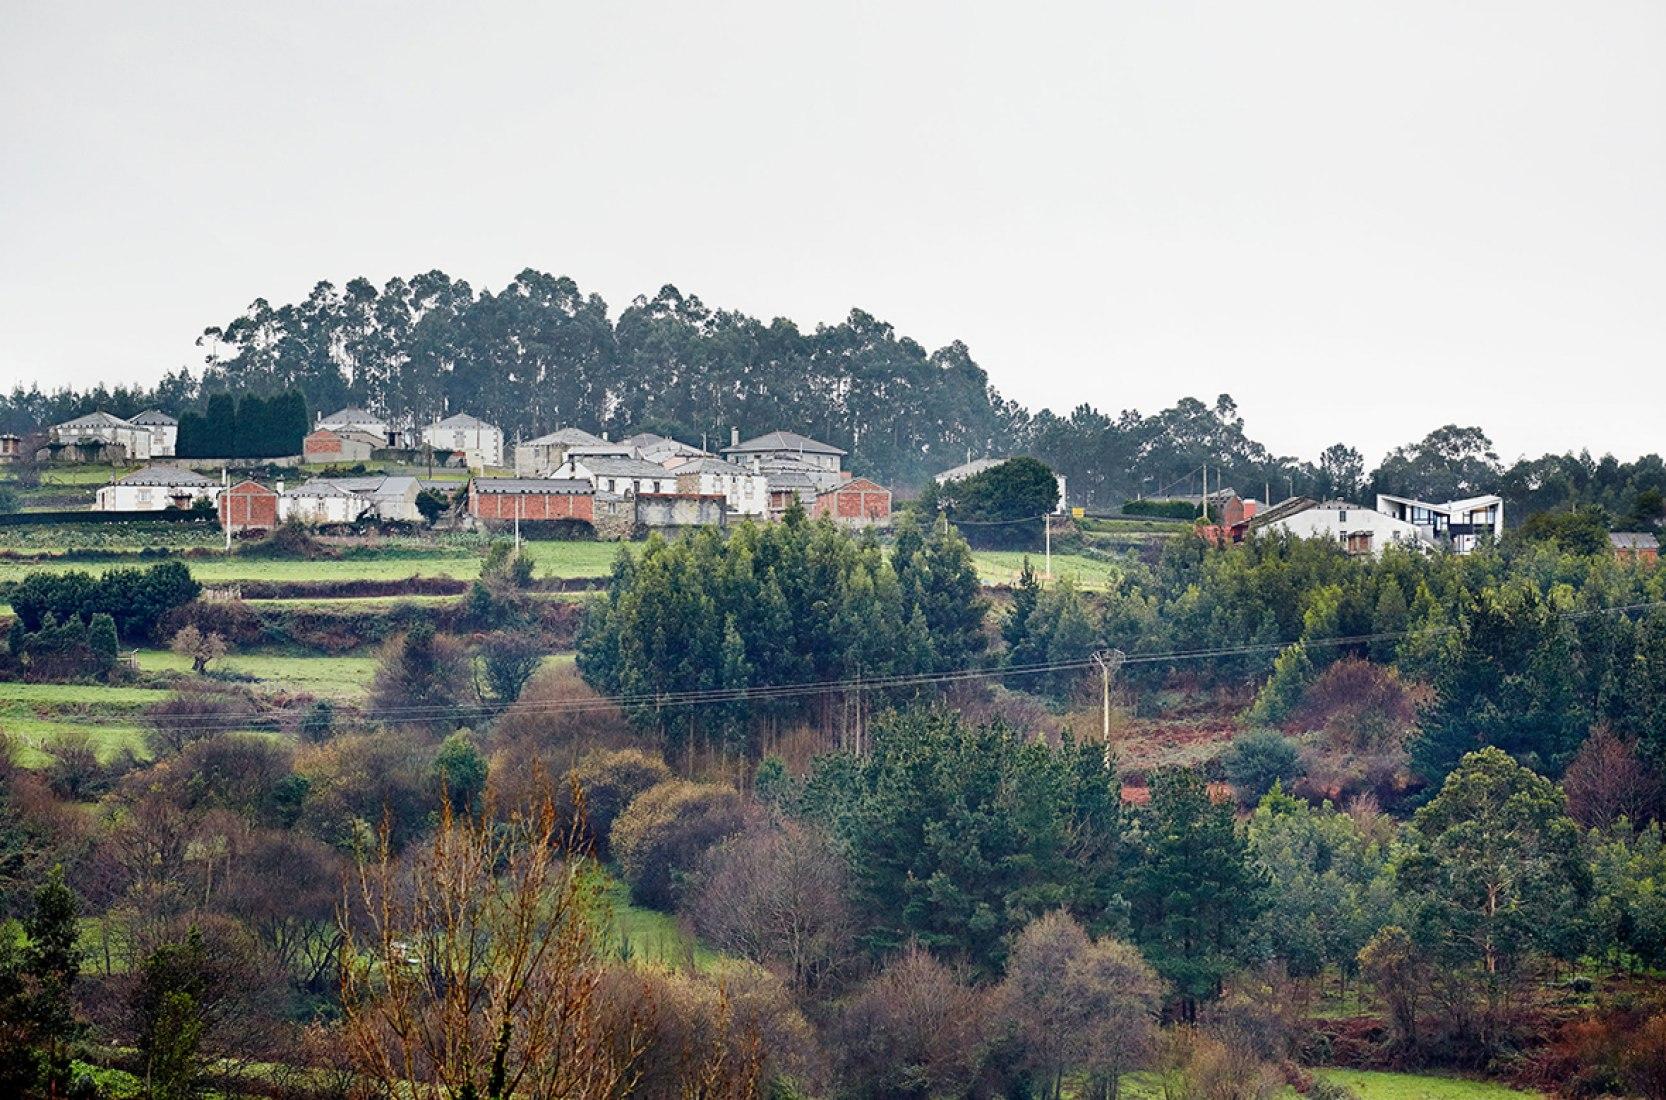 Alrededores. Casa de Vacaciones en Vilapol, Lugo, por padilla nicás arquitectos. Fotografía © José Hevia Blach.